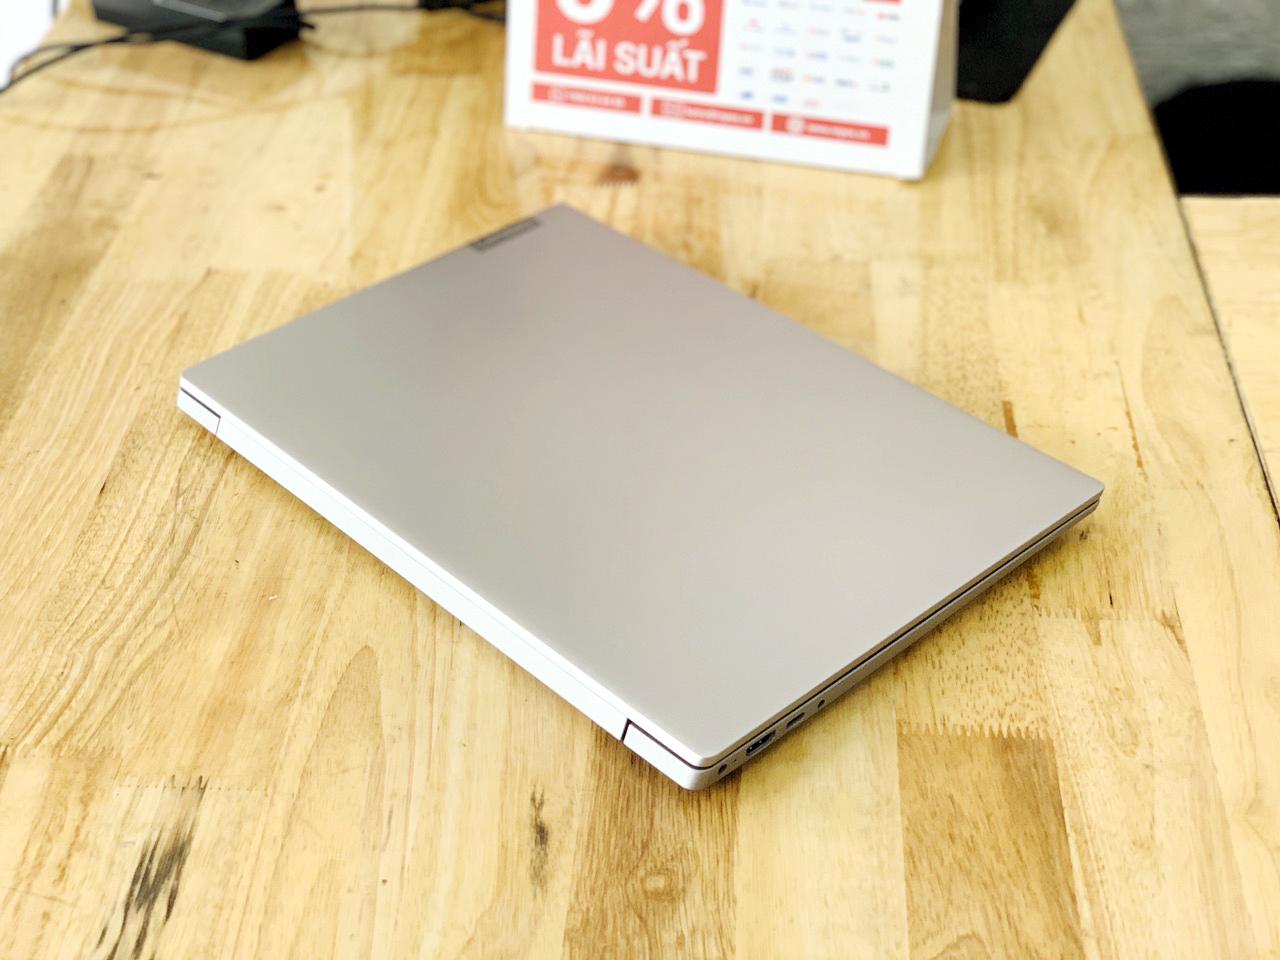 Lenovo IdeaPad S340 i3-1005G1